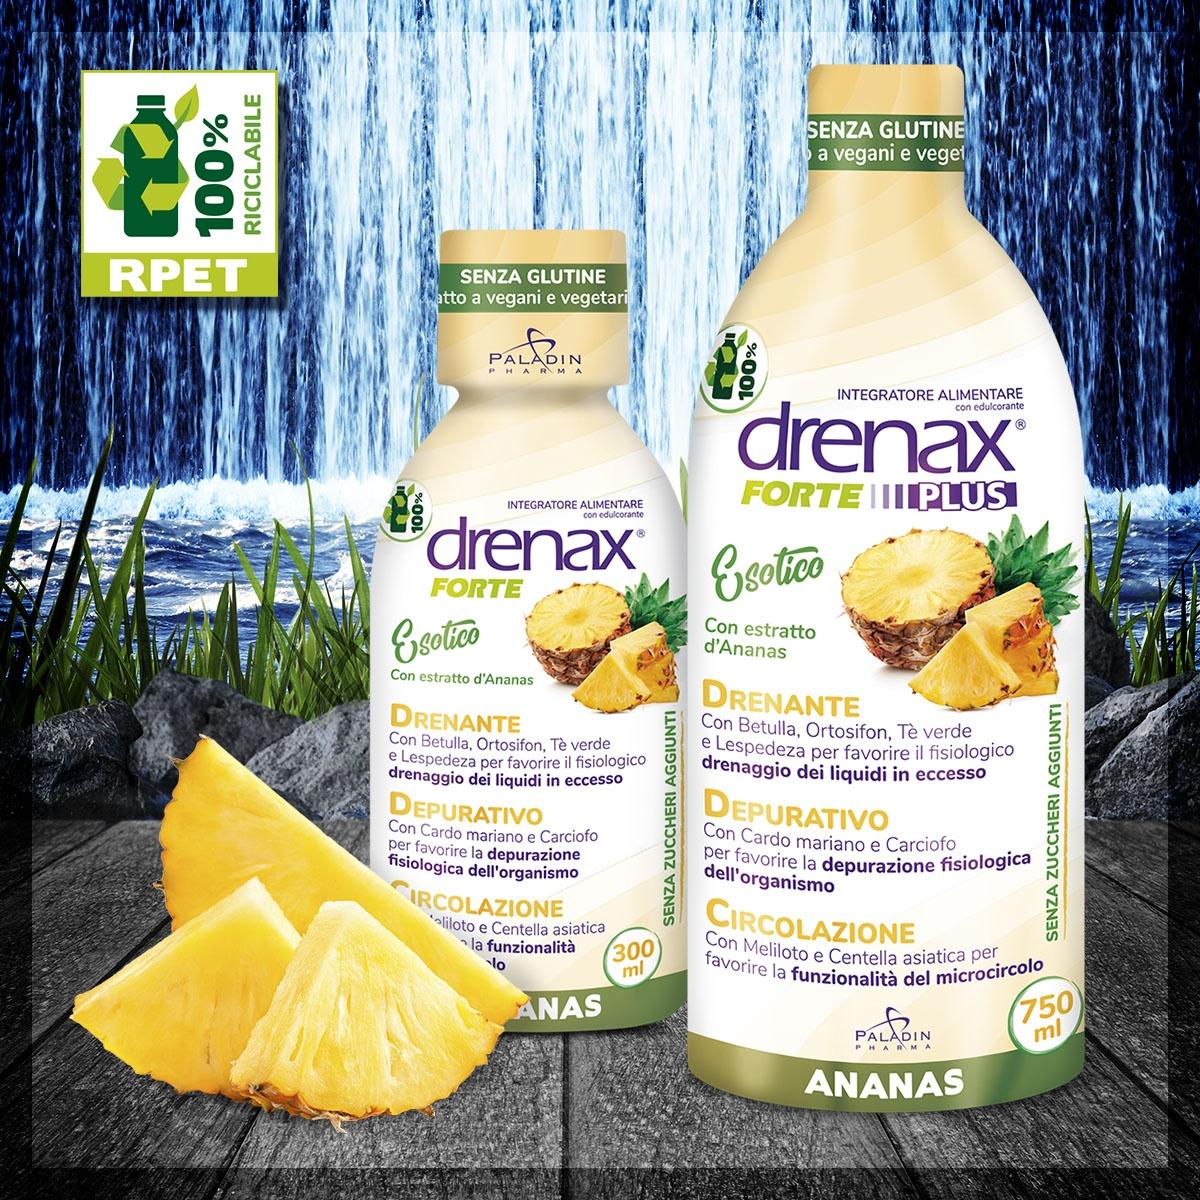 Drenax ananas ritenzione idrica e gonfiore